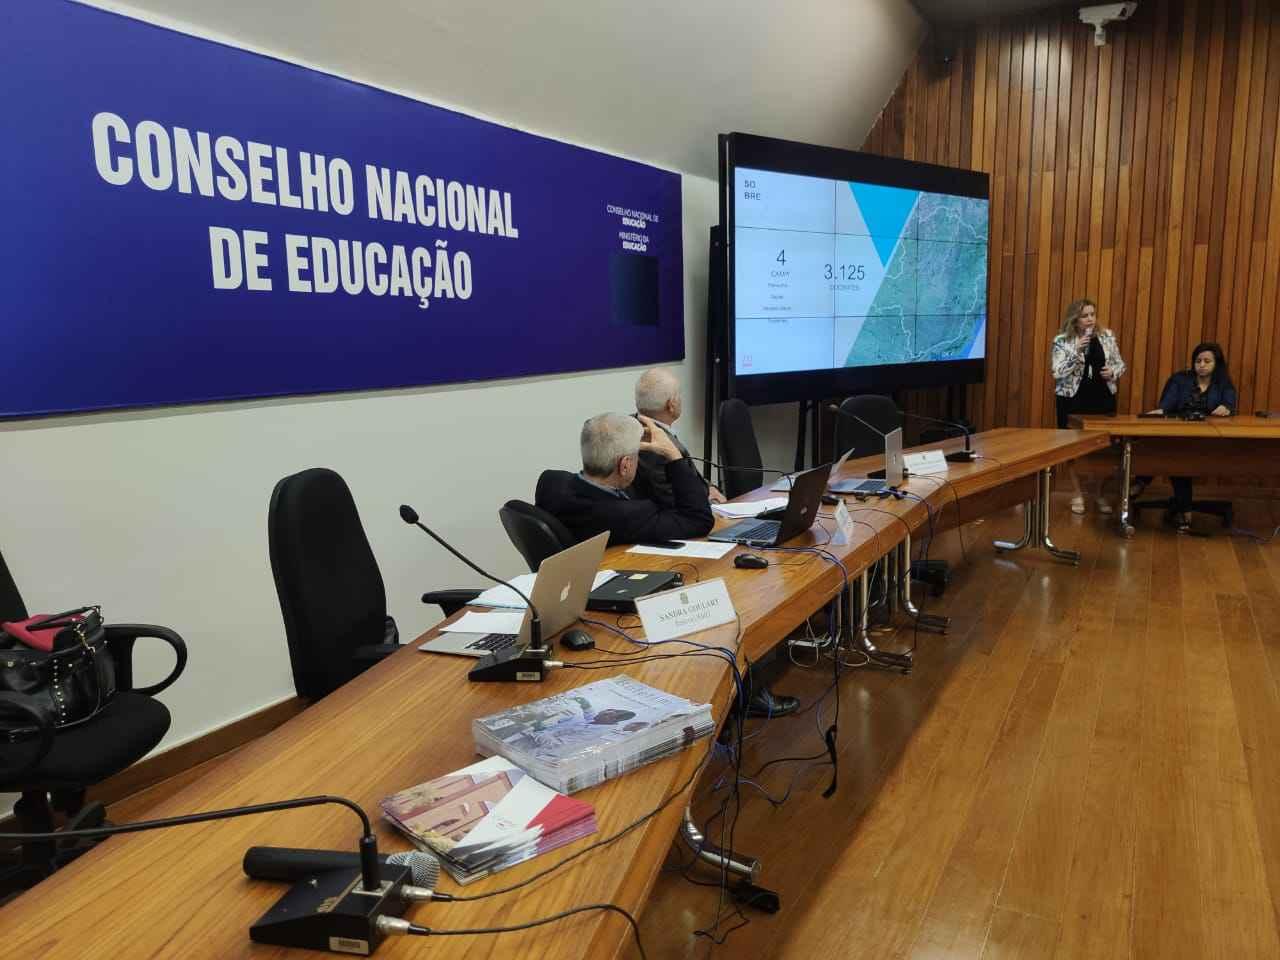 Integrantes do CNE acompanharam a exposição feita pela reitora Sandra Goulart Almeida